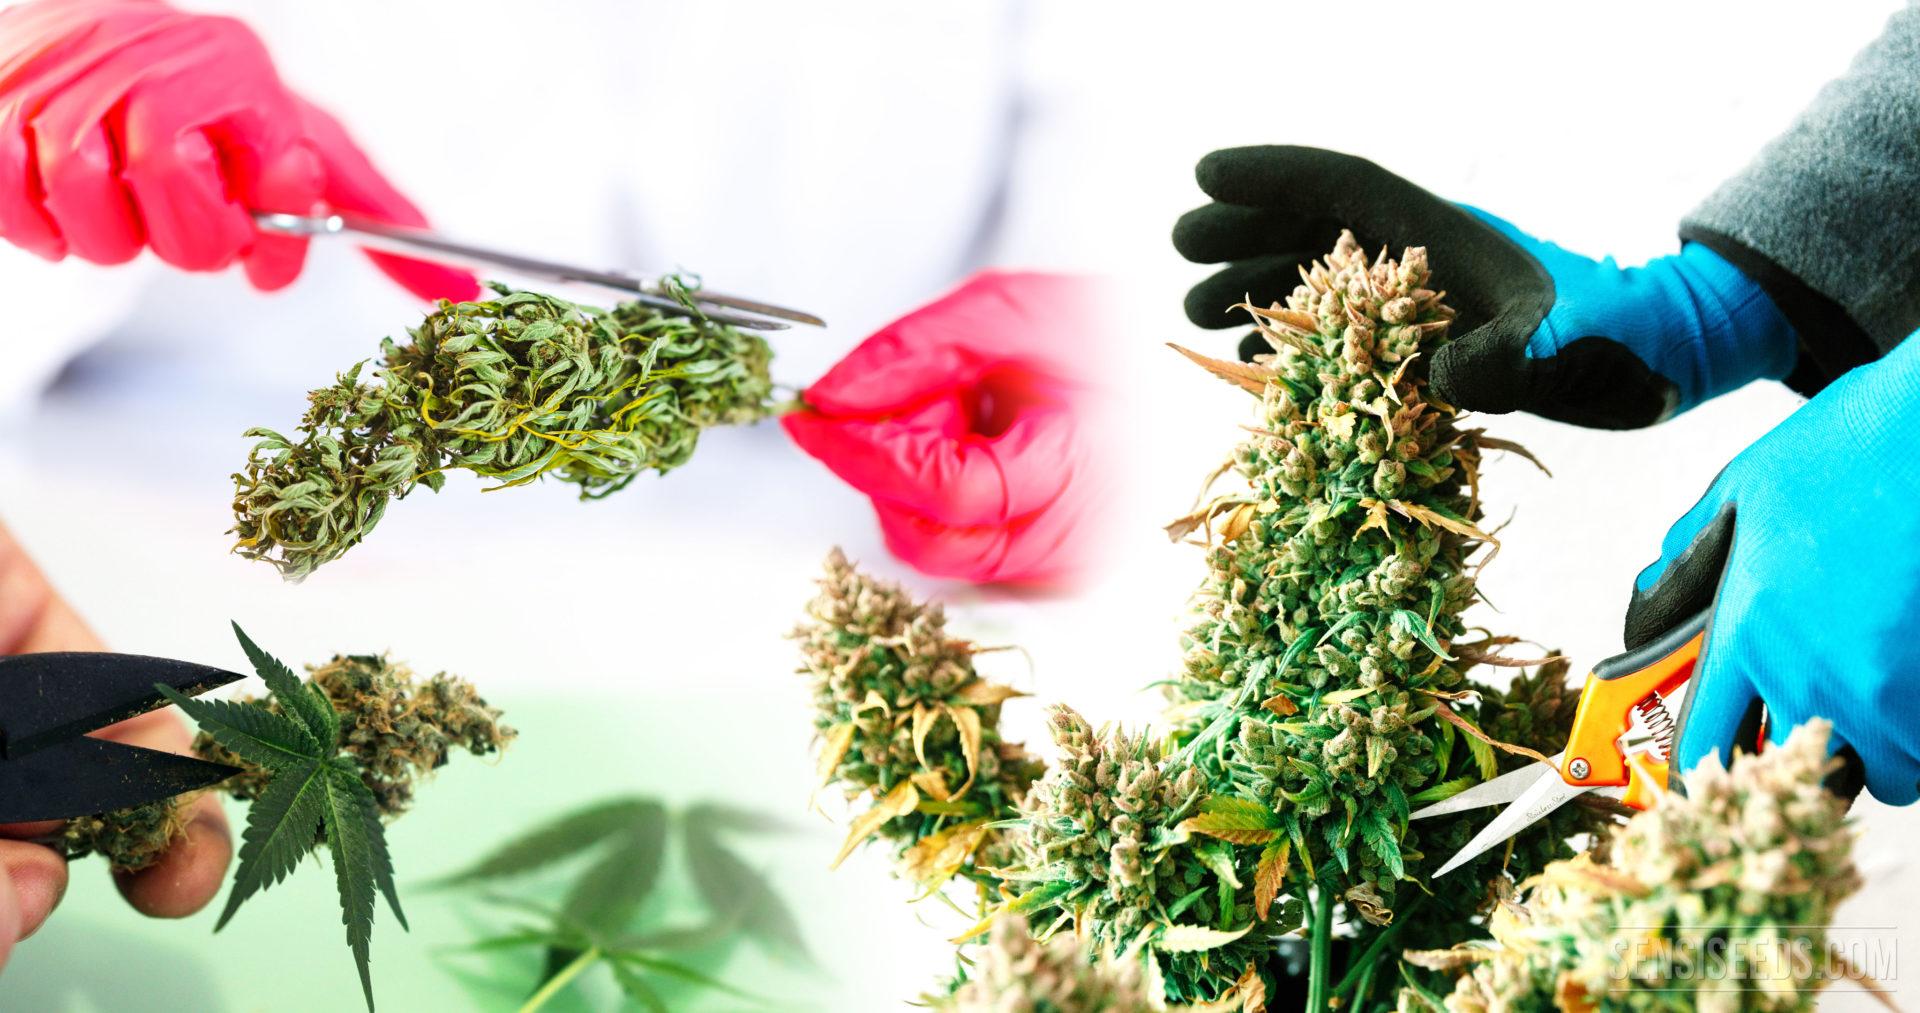 Cómo podar y hacer la manicura a los cogollos de cannabis